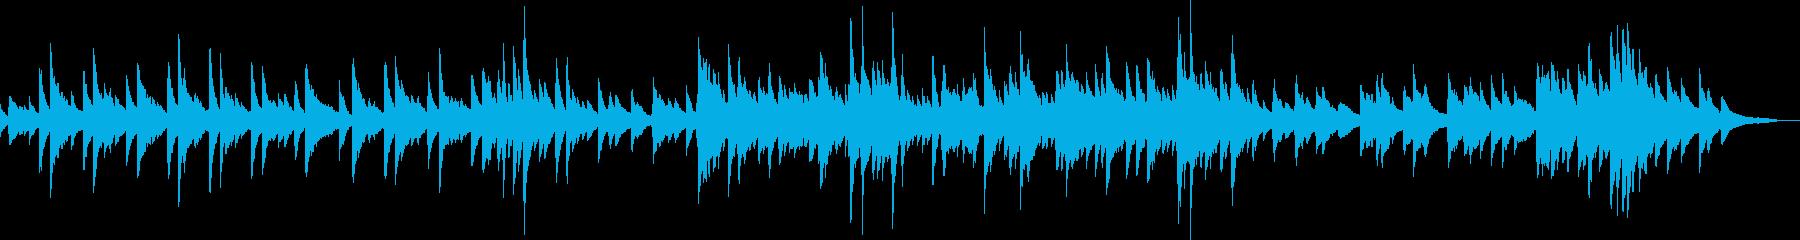 王道の感動的なピアノバラードの再生済みの波形